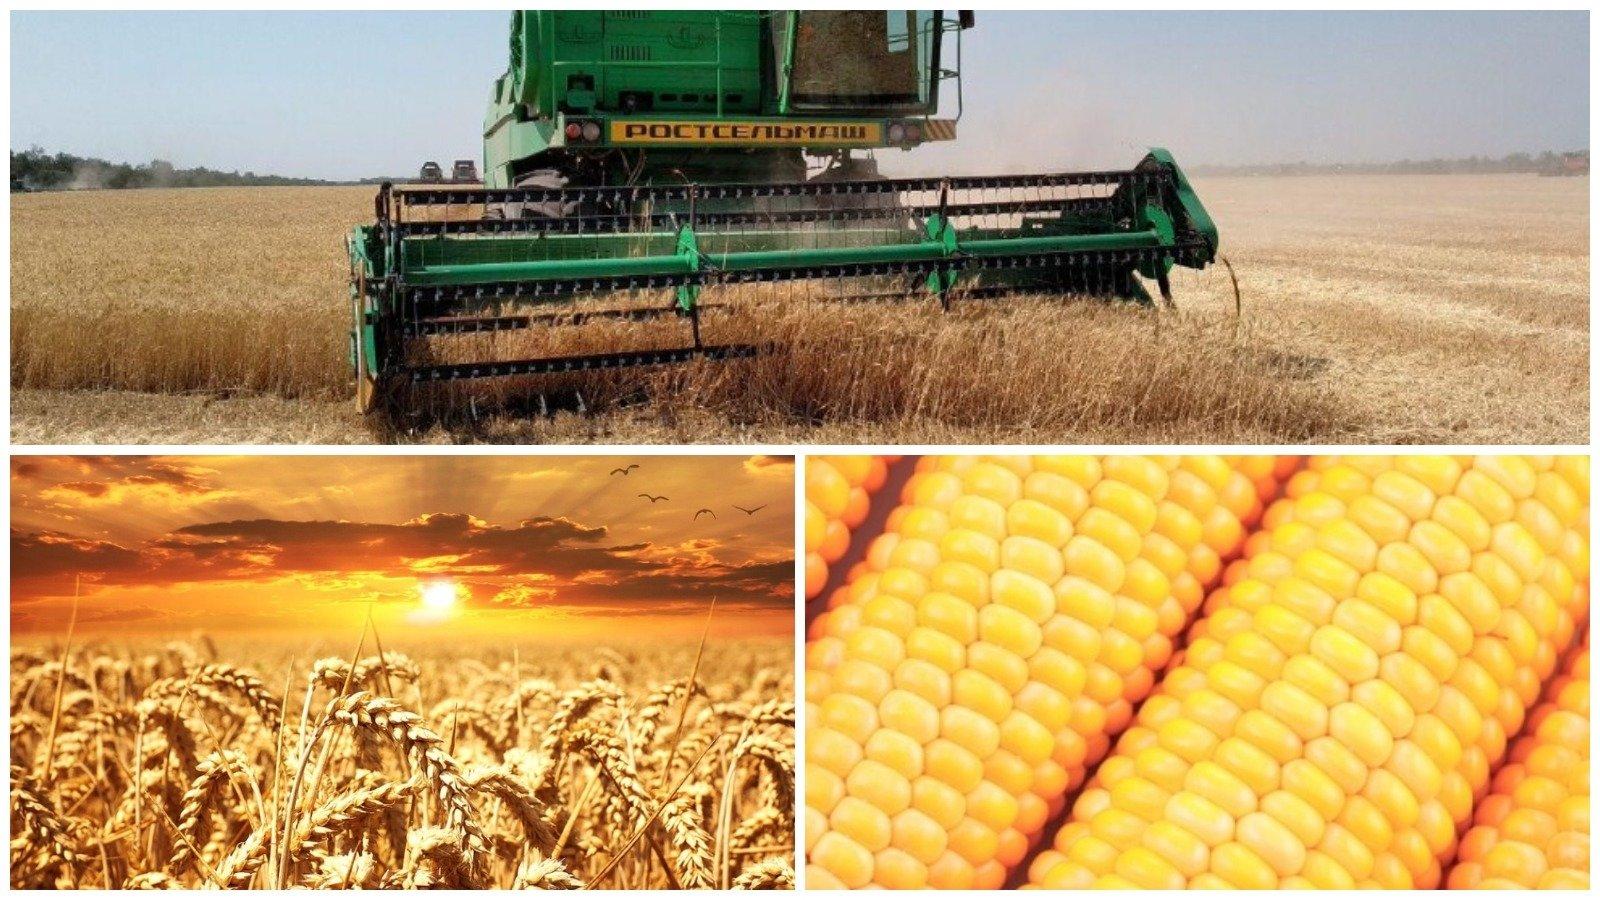 Россия и Африка формируют два «полюса возможностей» в сельском хозяйстве